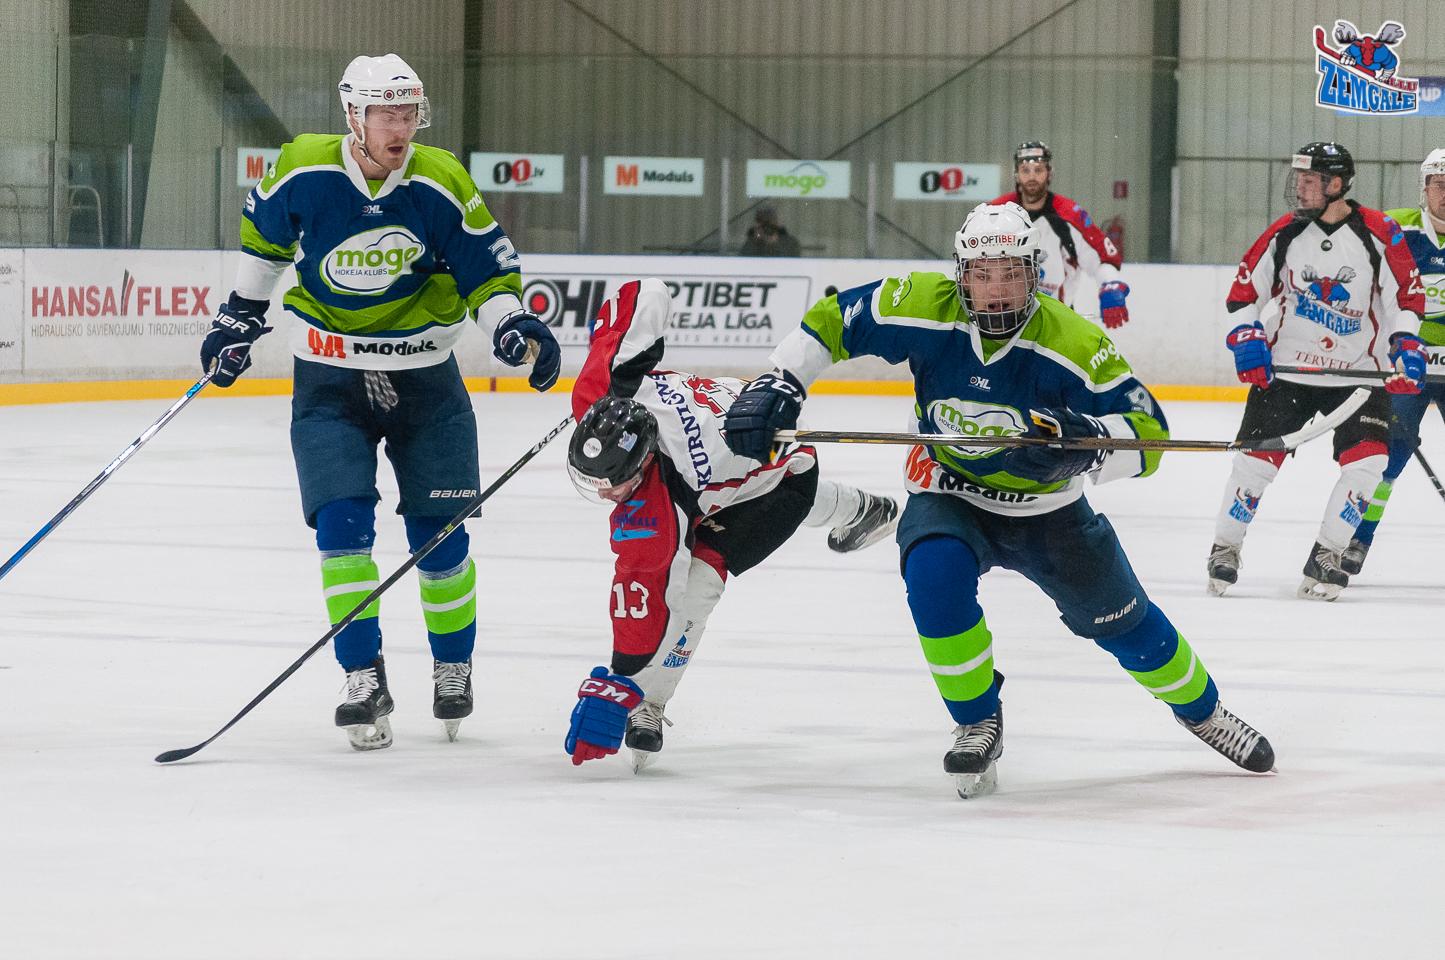 """Optibet hokeja līgas spēlē starp HK """"Mogo"""" un HK """"Zemgale/LLU"""" jelgavnieki zaudēja ledus saimniekiem ar rezultātu 0:4."""